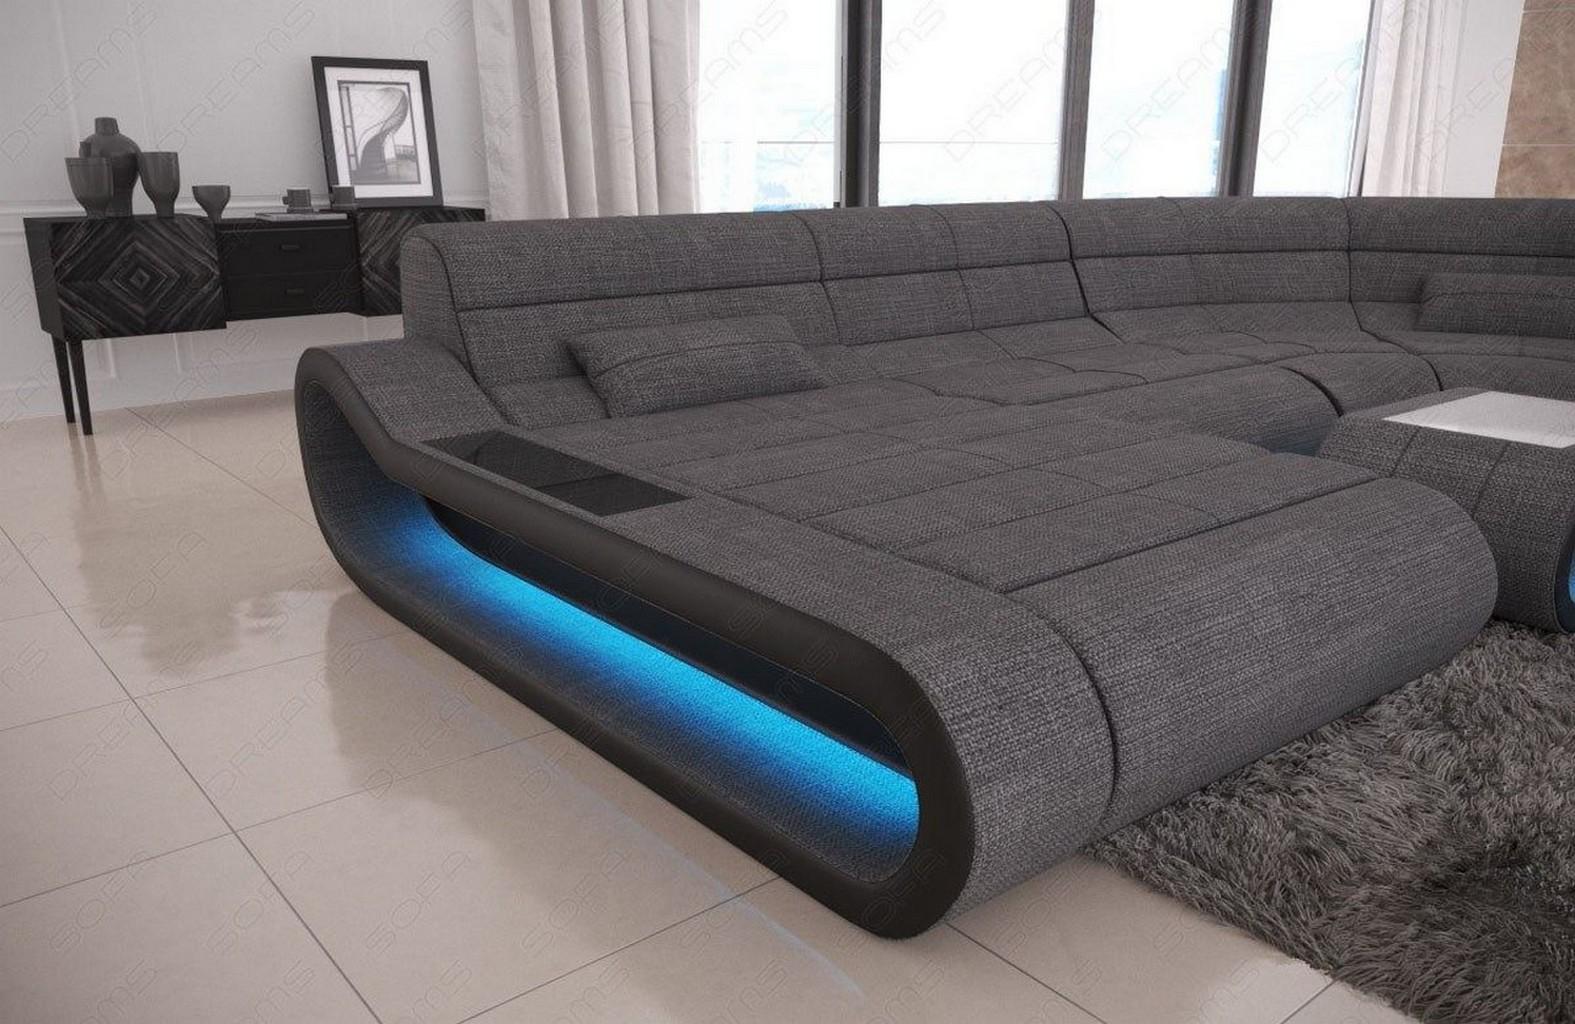 Wohnlandschaft design stoff  Stoff Eckcouch CONCEPT U Form Wohnlandschaft Design Sofa in grau LED ...